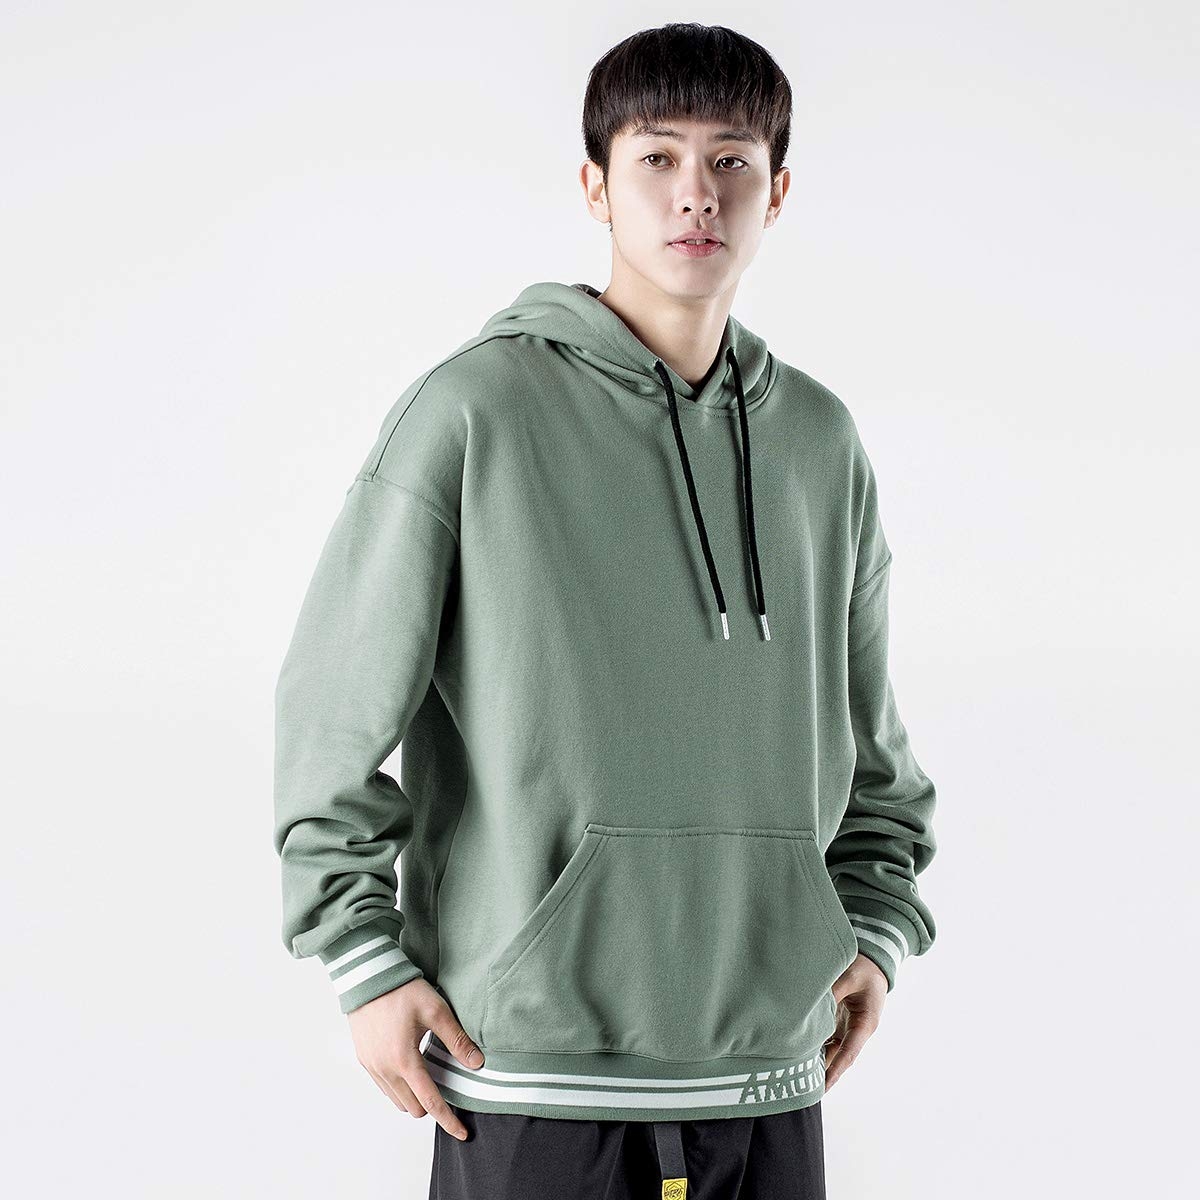 WSDMY Sweatshirt Shirt Pantalon en Tissu Top Coat Section de Base Impression de Couleur Contrastante c/ôtel/é Tendance Chandail Jeunes Hommes d/écontract/é l/âche